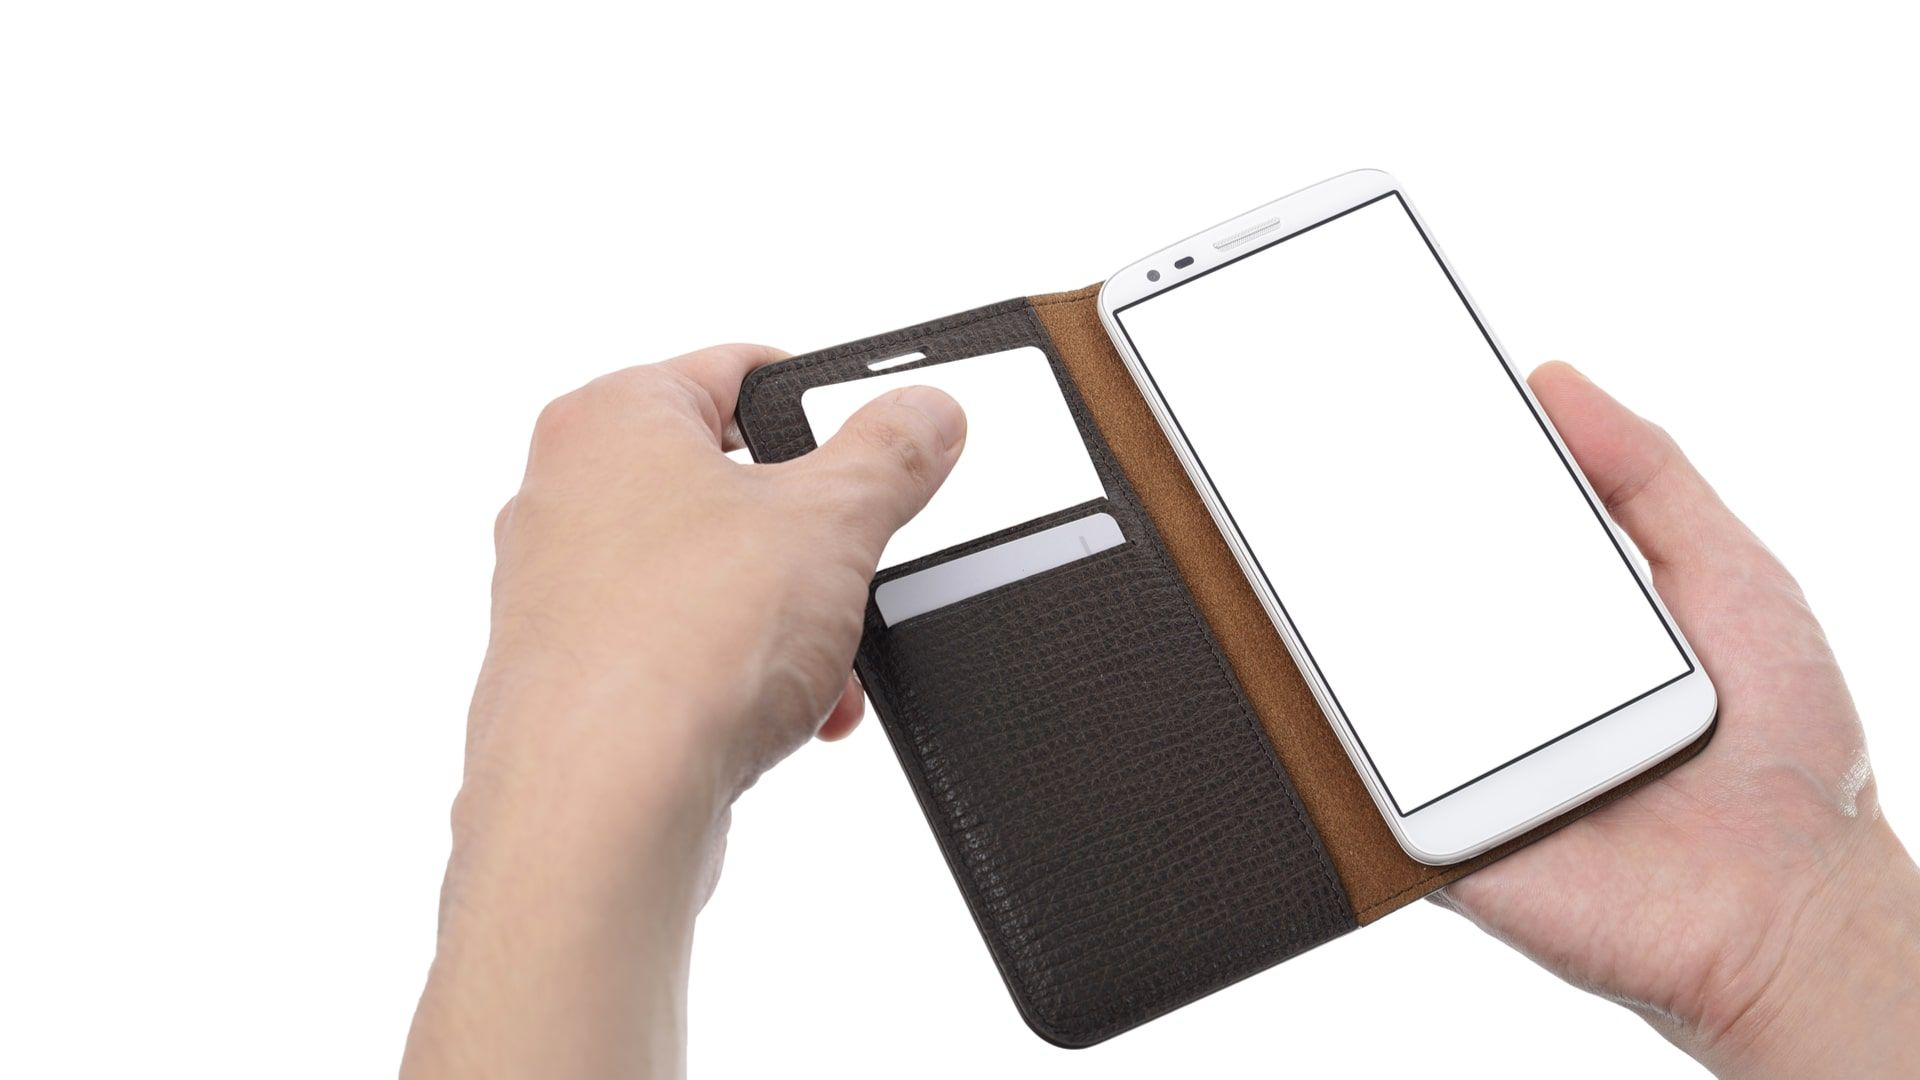 Capinha de celular flip pode ser elegante e ainda servir como carteira (Foto: Shutterstock)